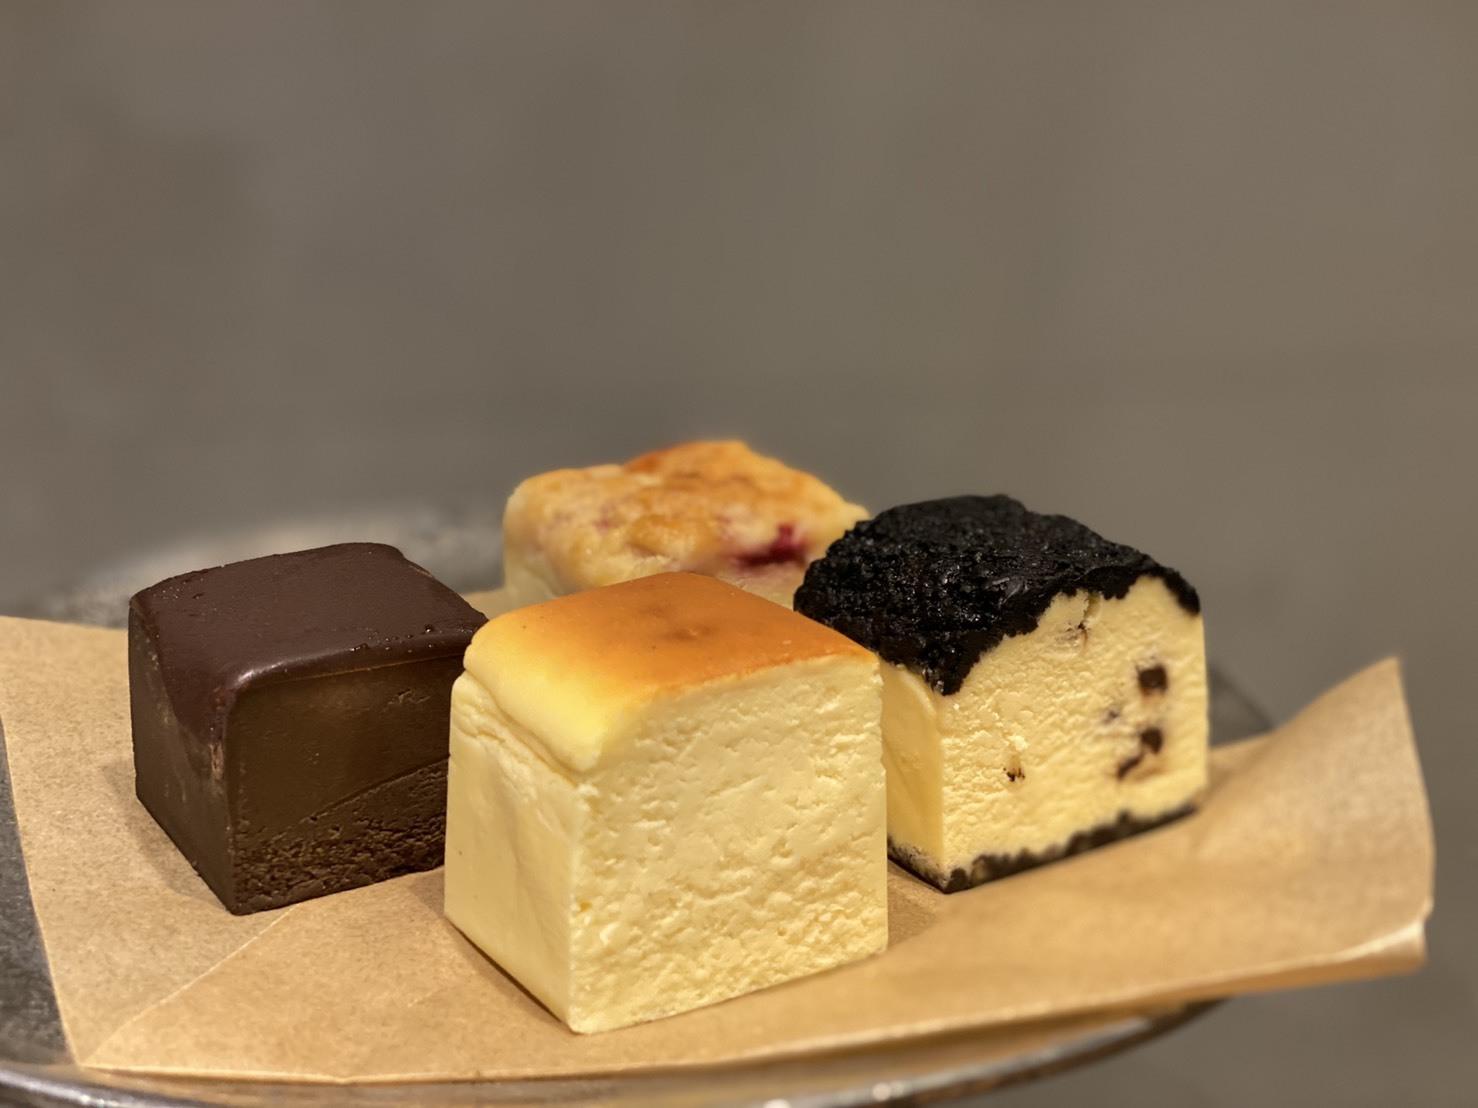 KAKAのチーズケーキ食べ比べセットR(16個入り)